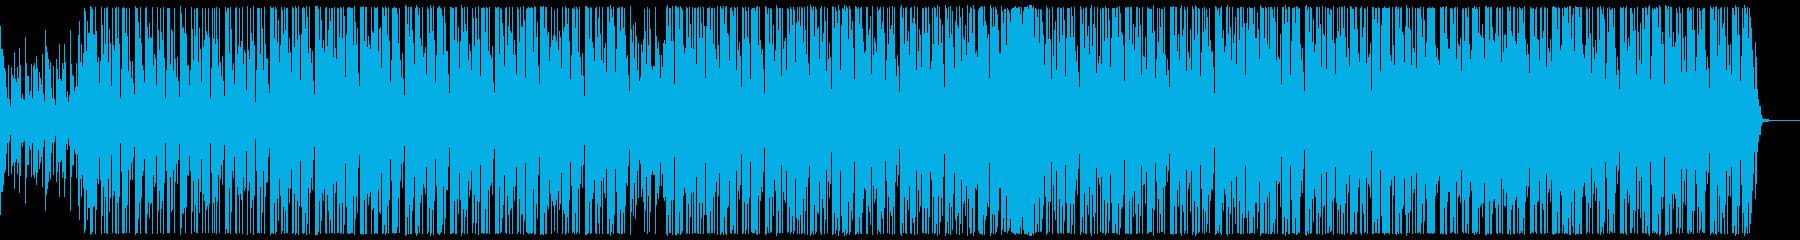 明るいテクノポップの再生済みの波形